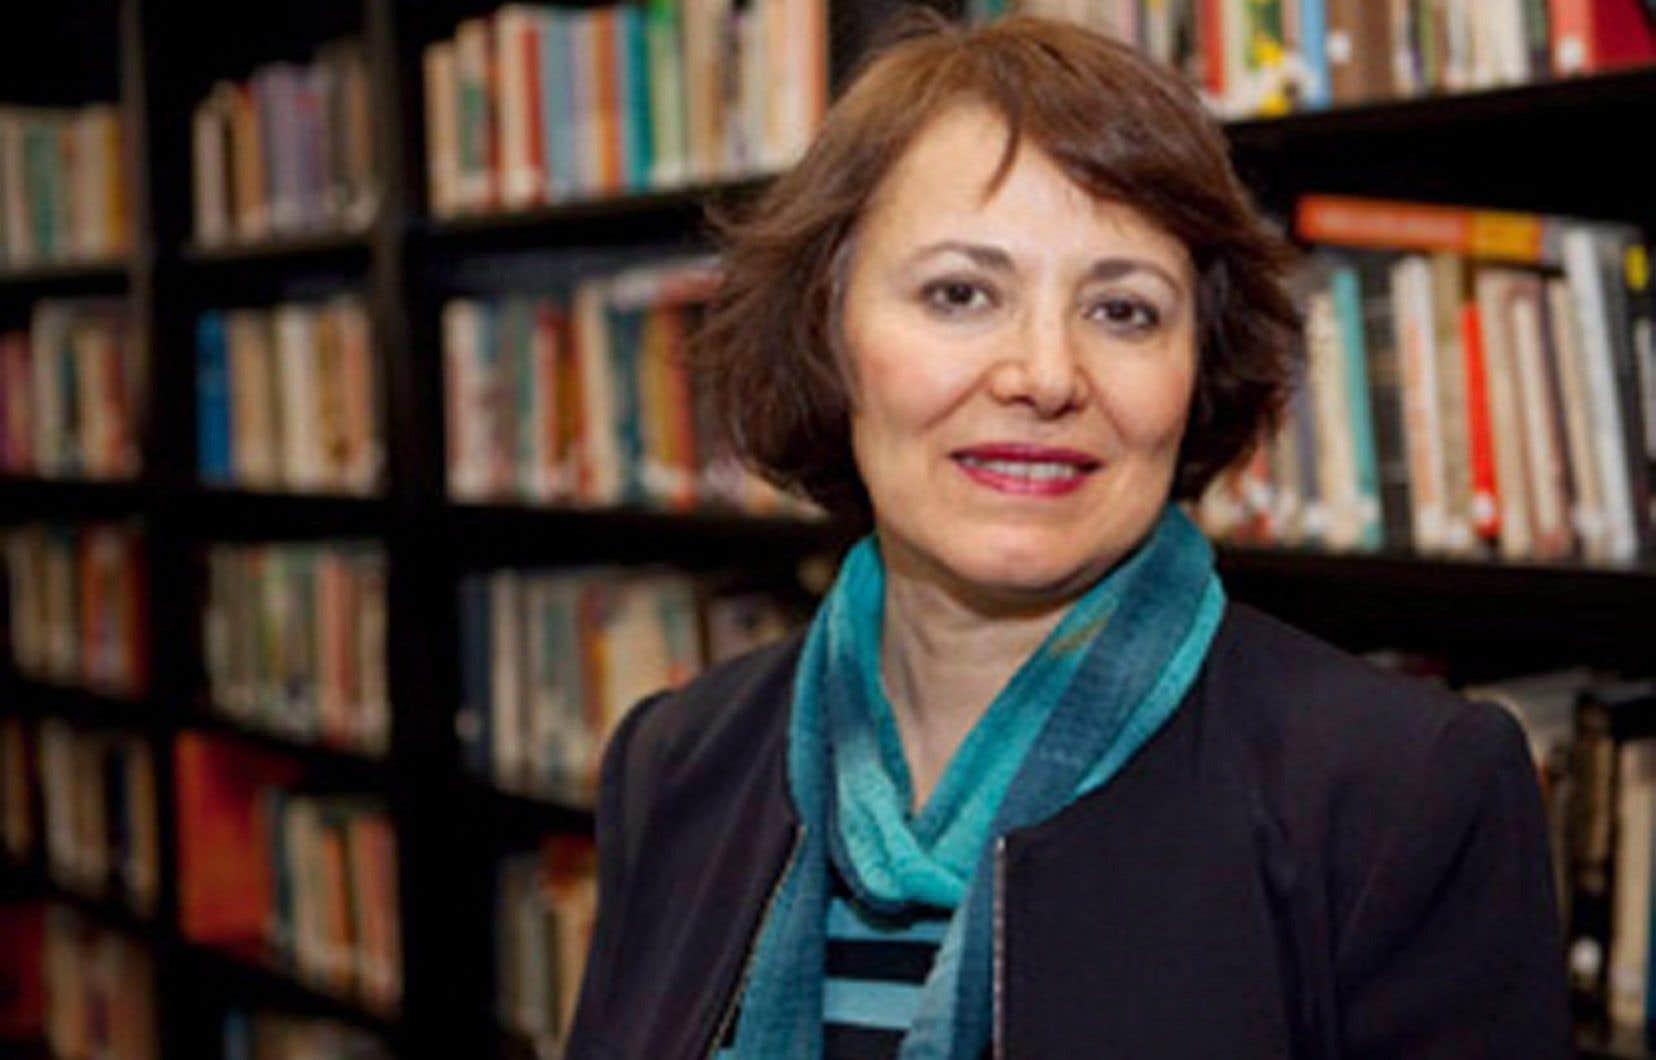 MmeHoodfar est accusée de «collaborer avec un gouvernement hostile», ainsi que de «baigner dans des activités féministes».